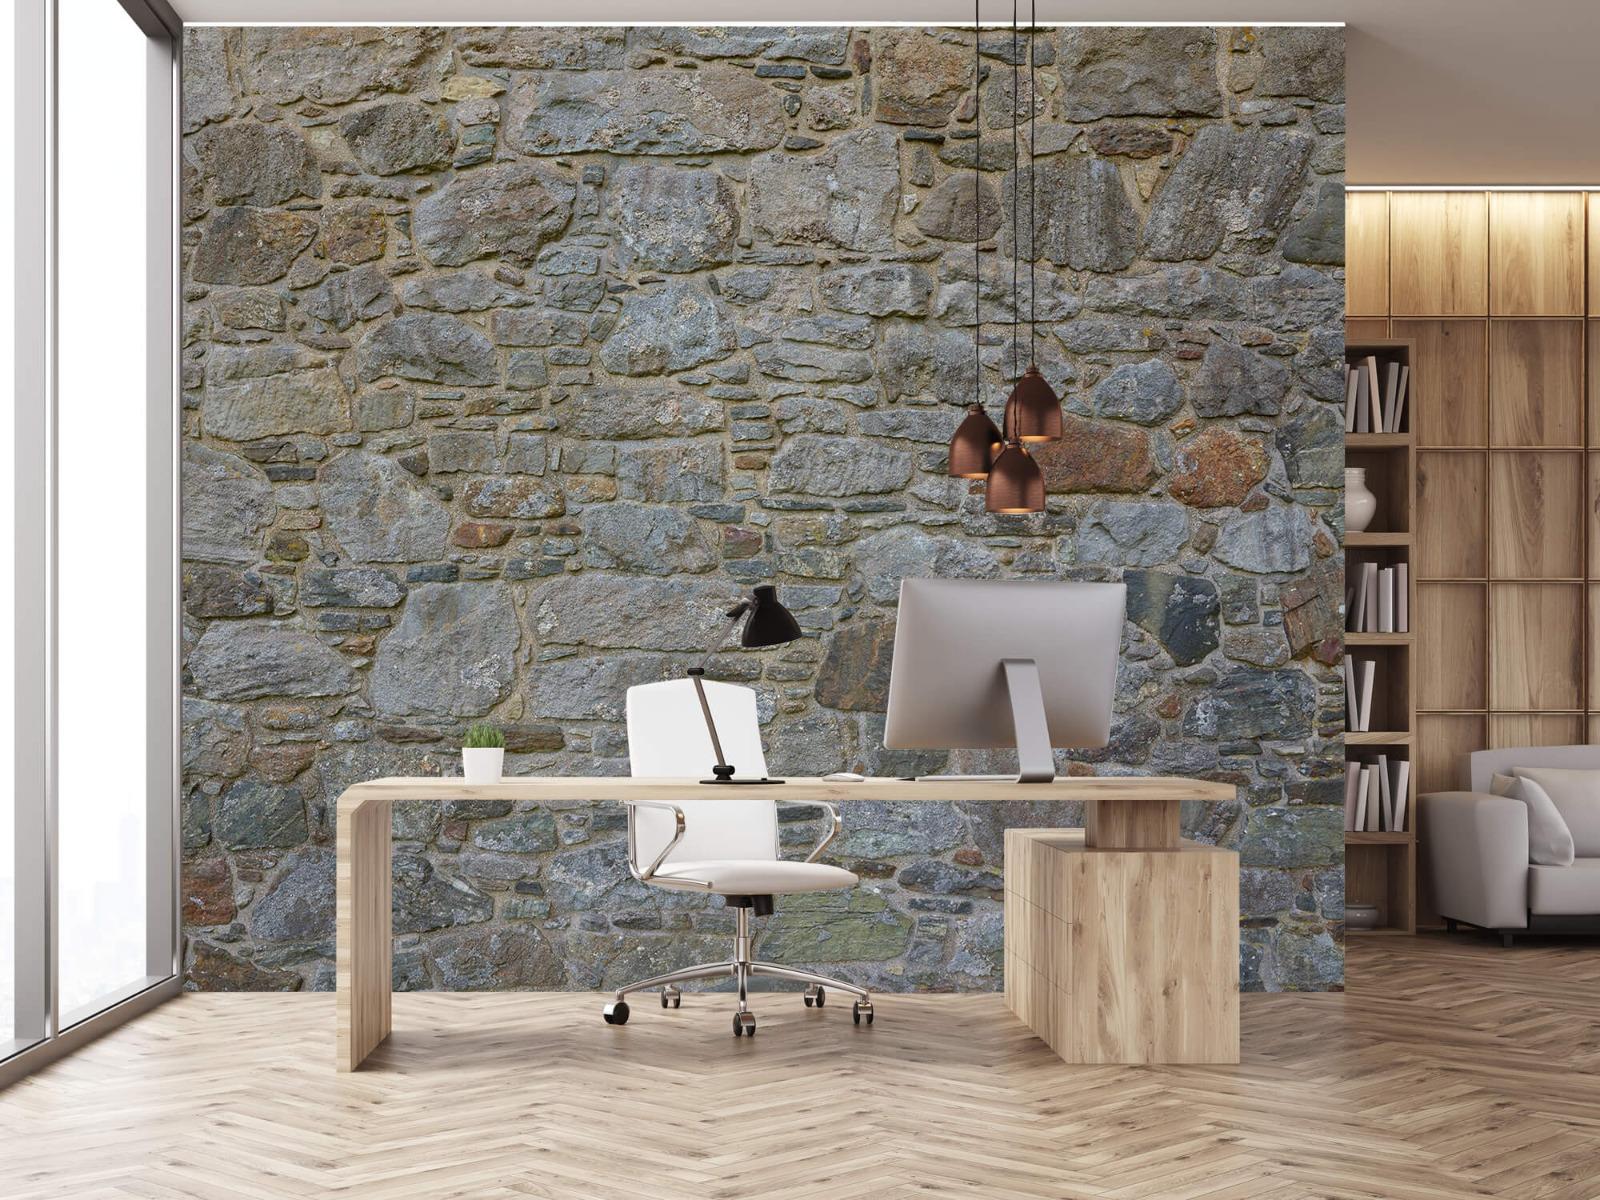 Papier peint en pierre - Mur de pierre médiéval - Chambre à coucher 24